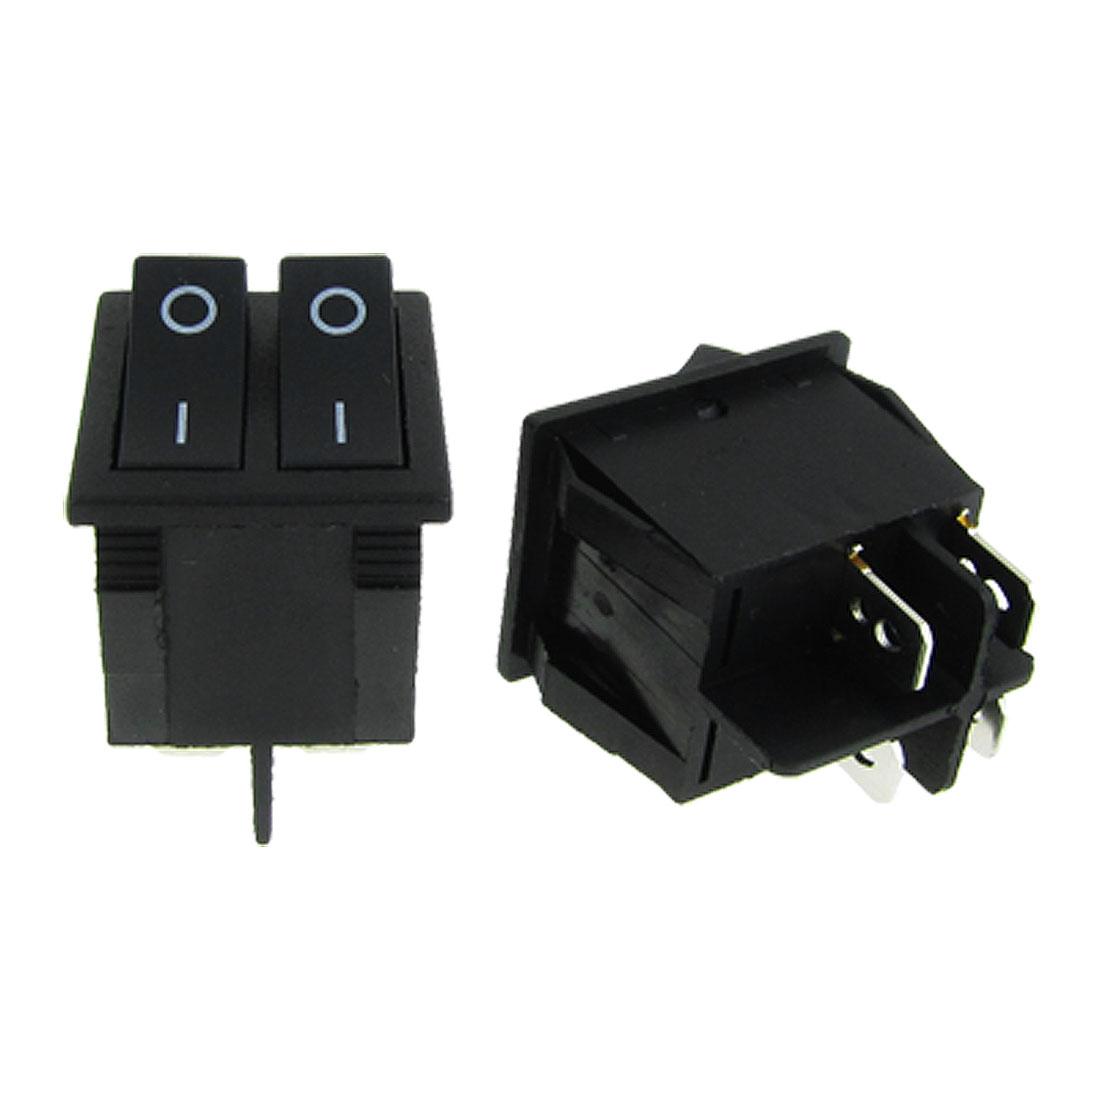 5 Pcs x Black ON-OFF Double SPST 2 Gang Boat Rocker Switch 15A/250V 20A/125V AC